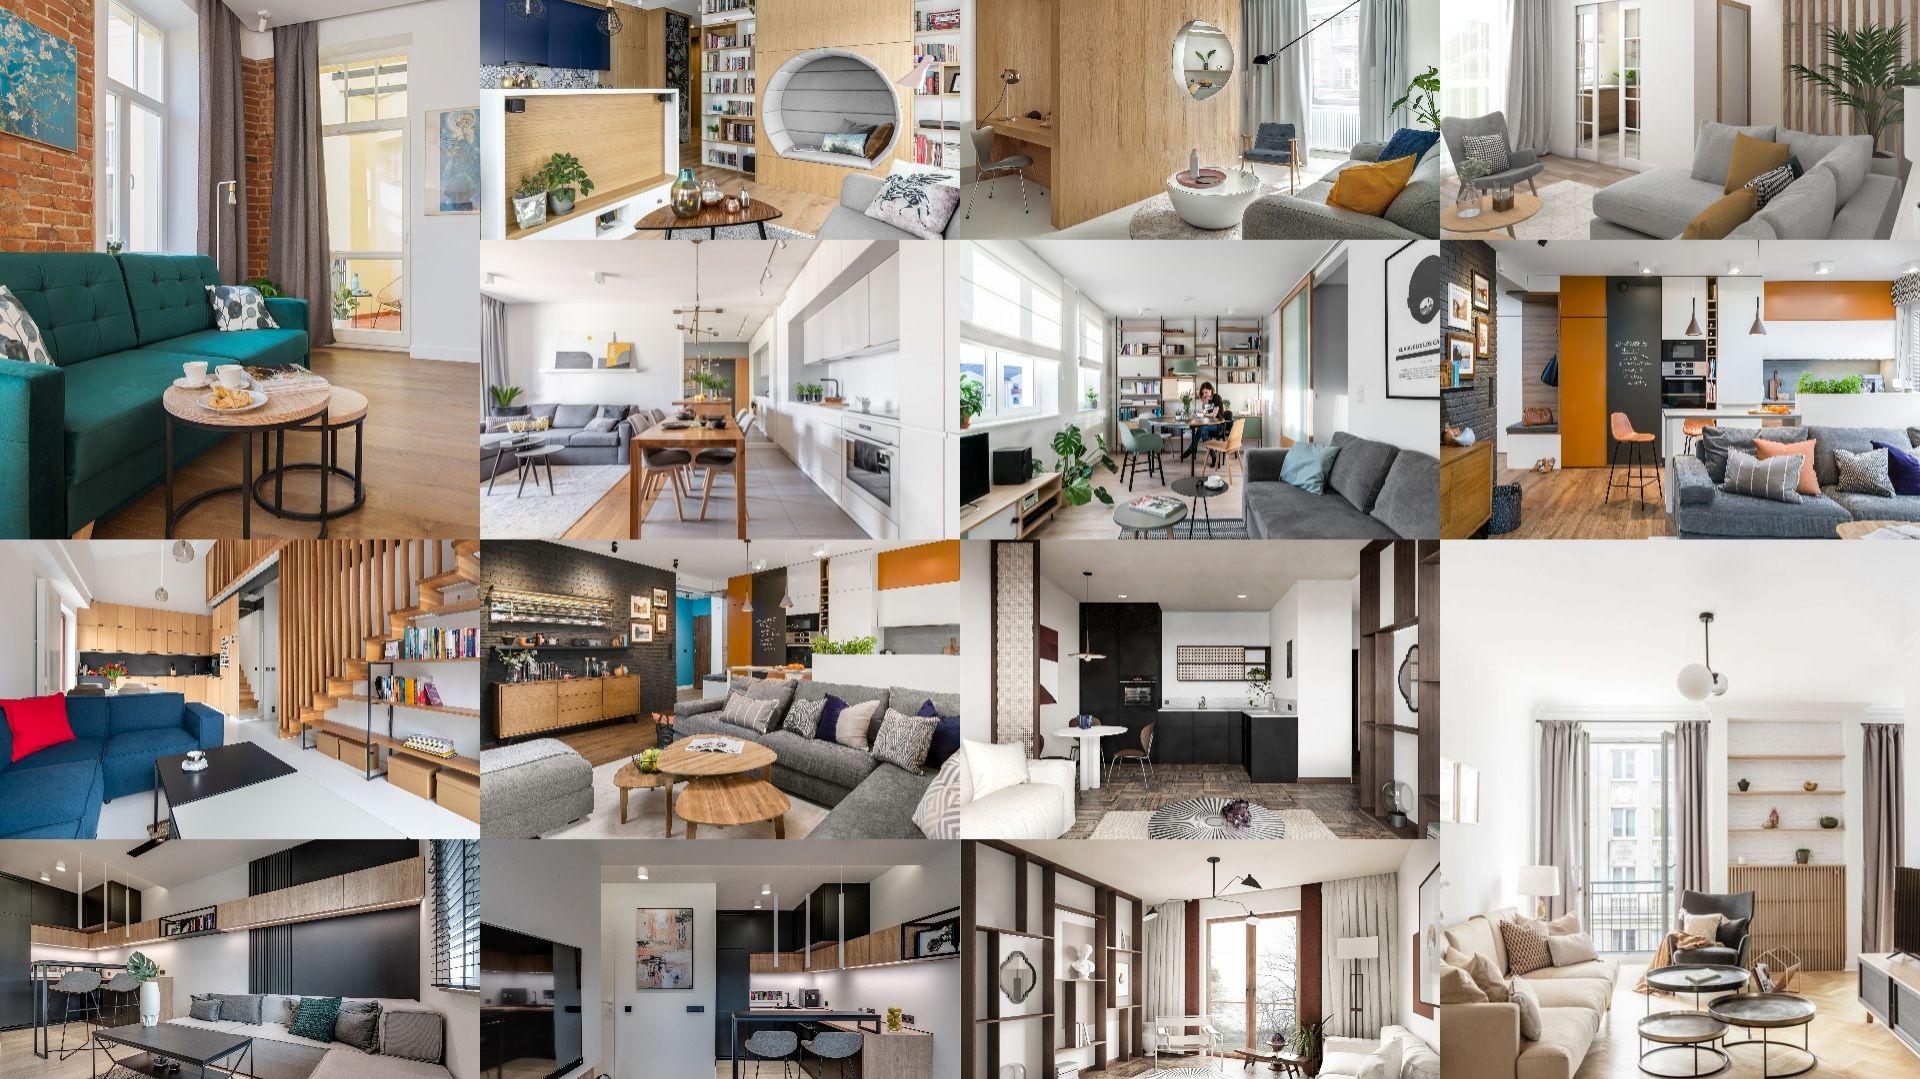 Małe mieszkanie w bloku: 10 dobrych projektów małych wnętrz